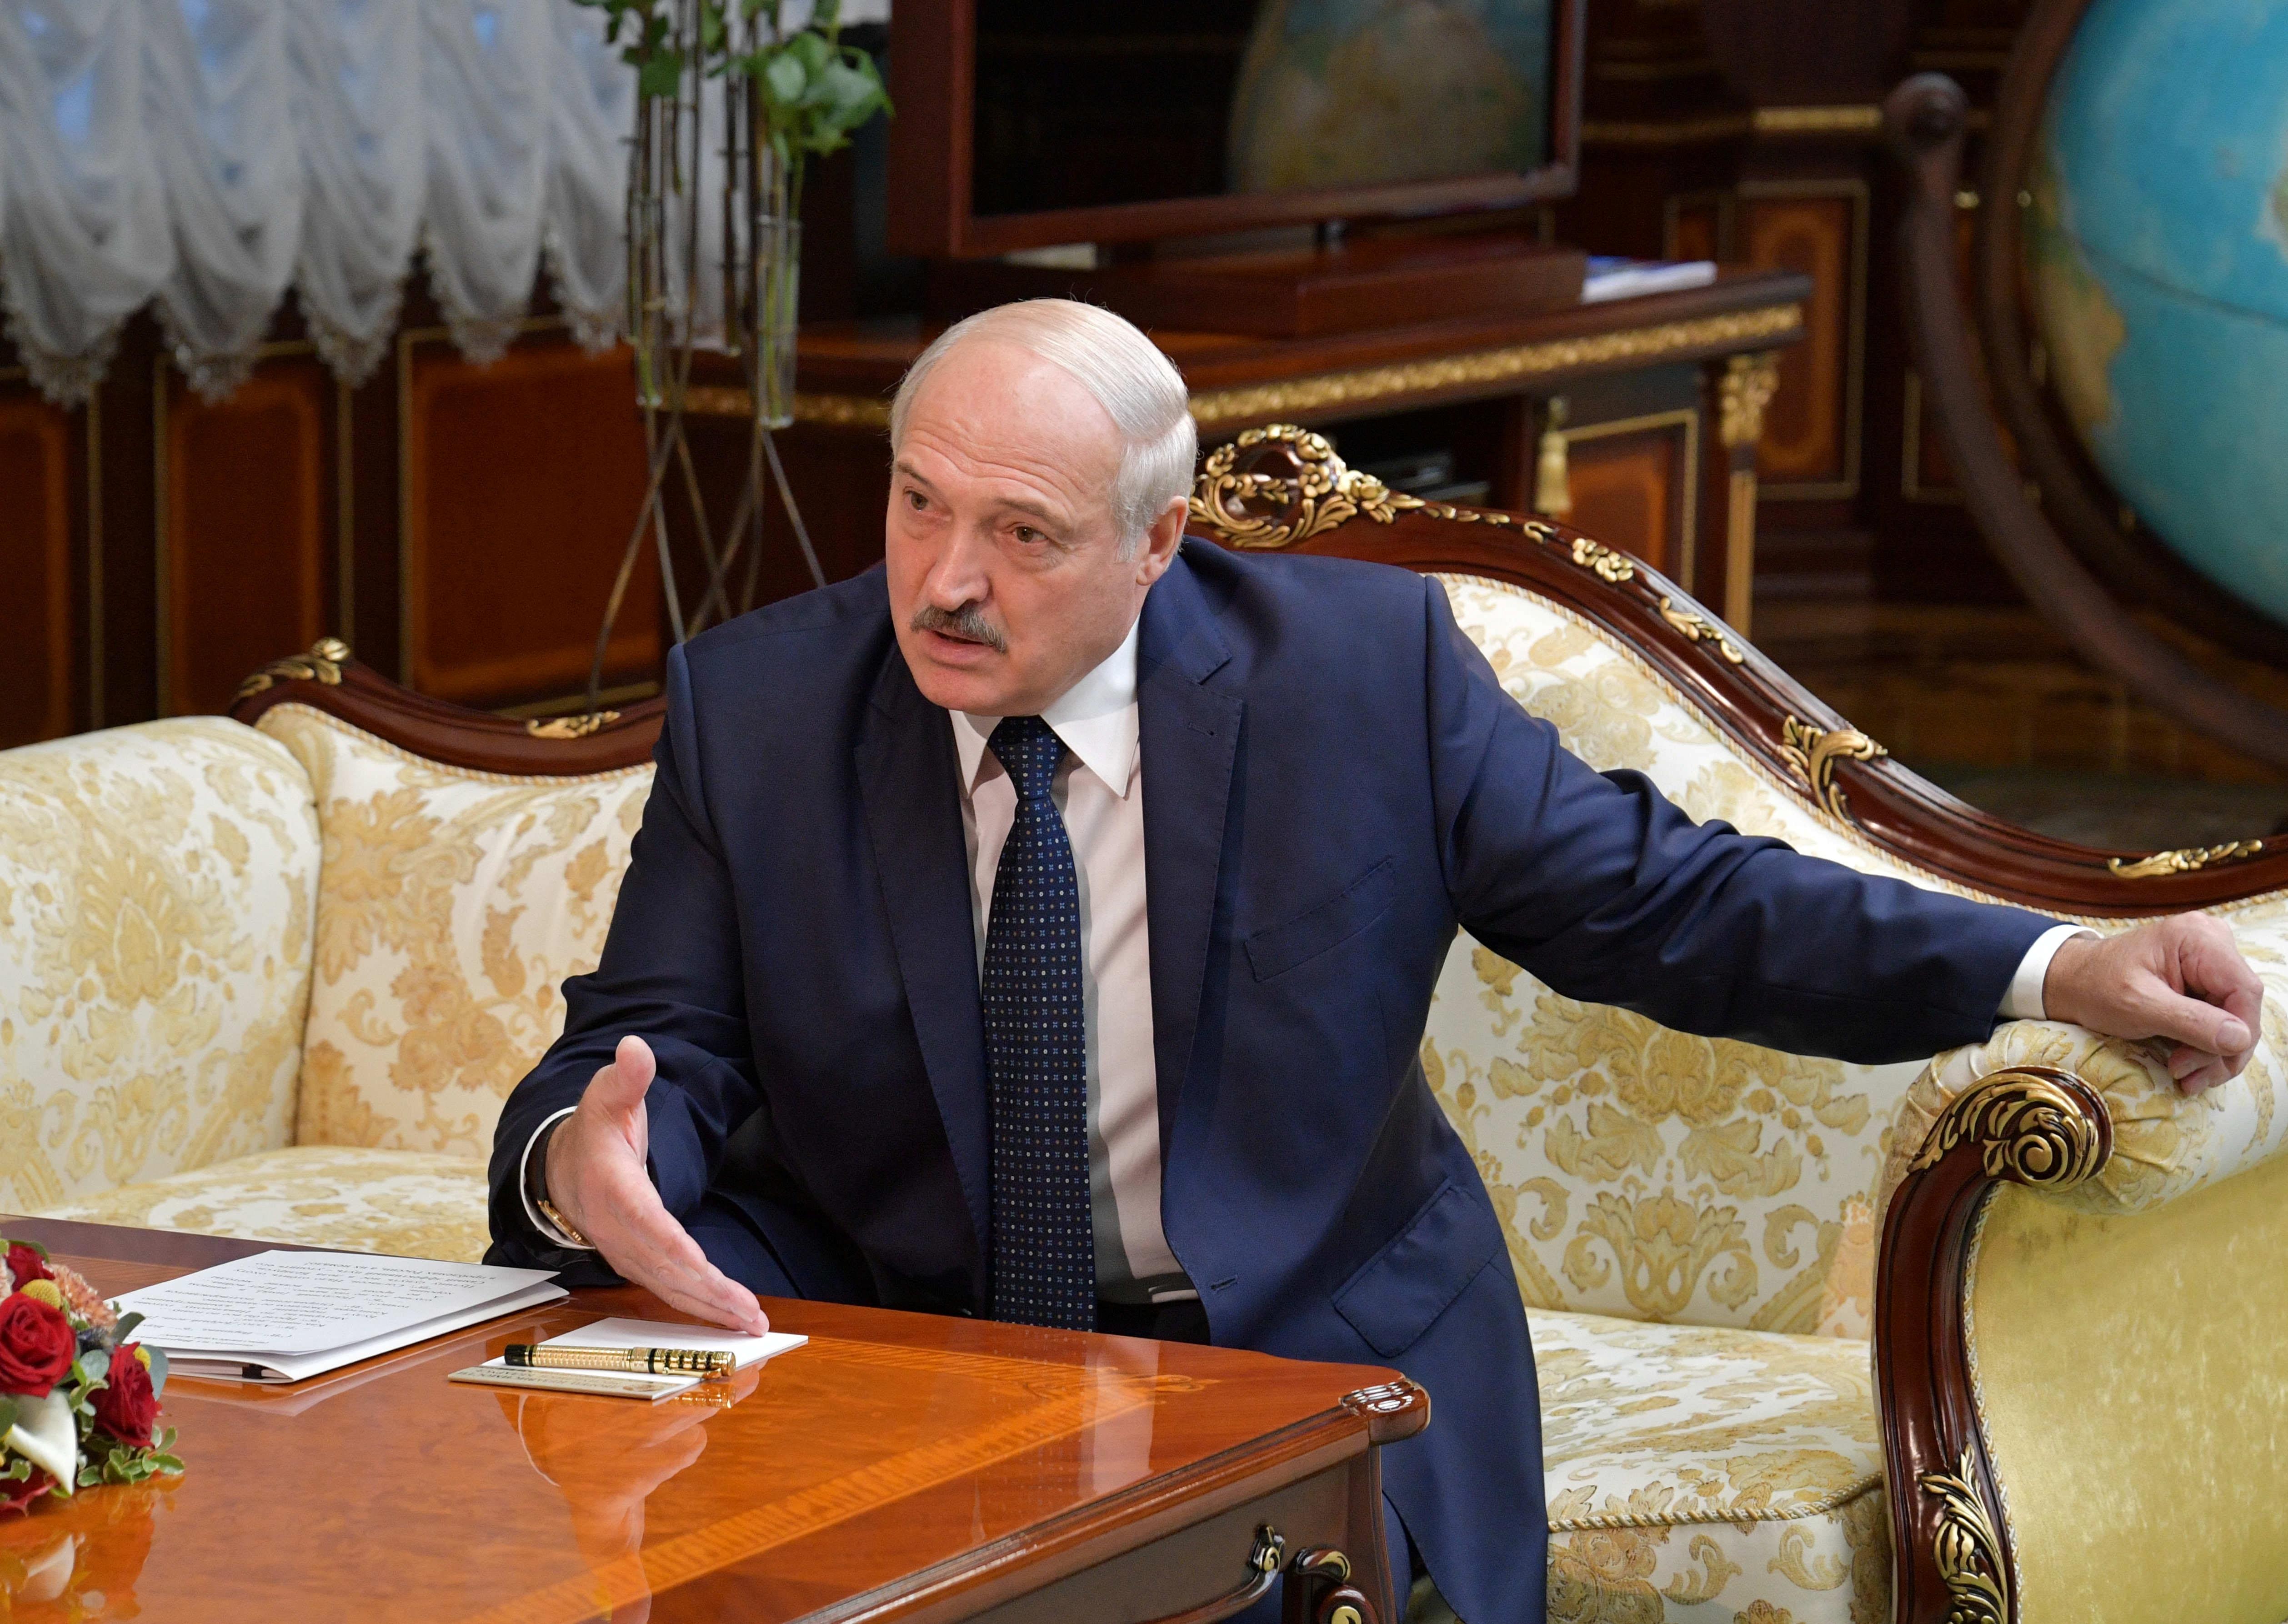 Лукашенко пригрозил насилием протестующим